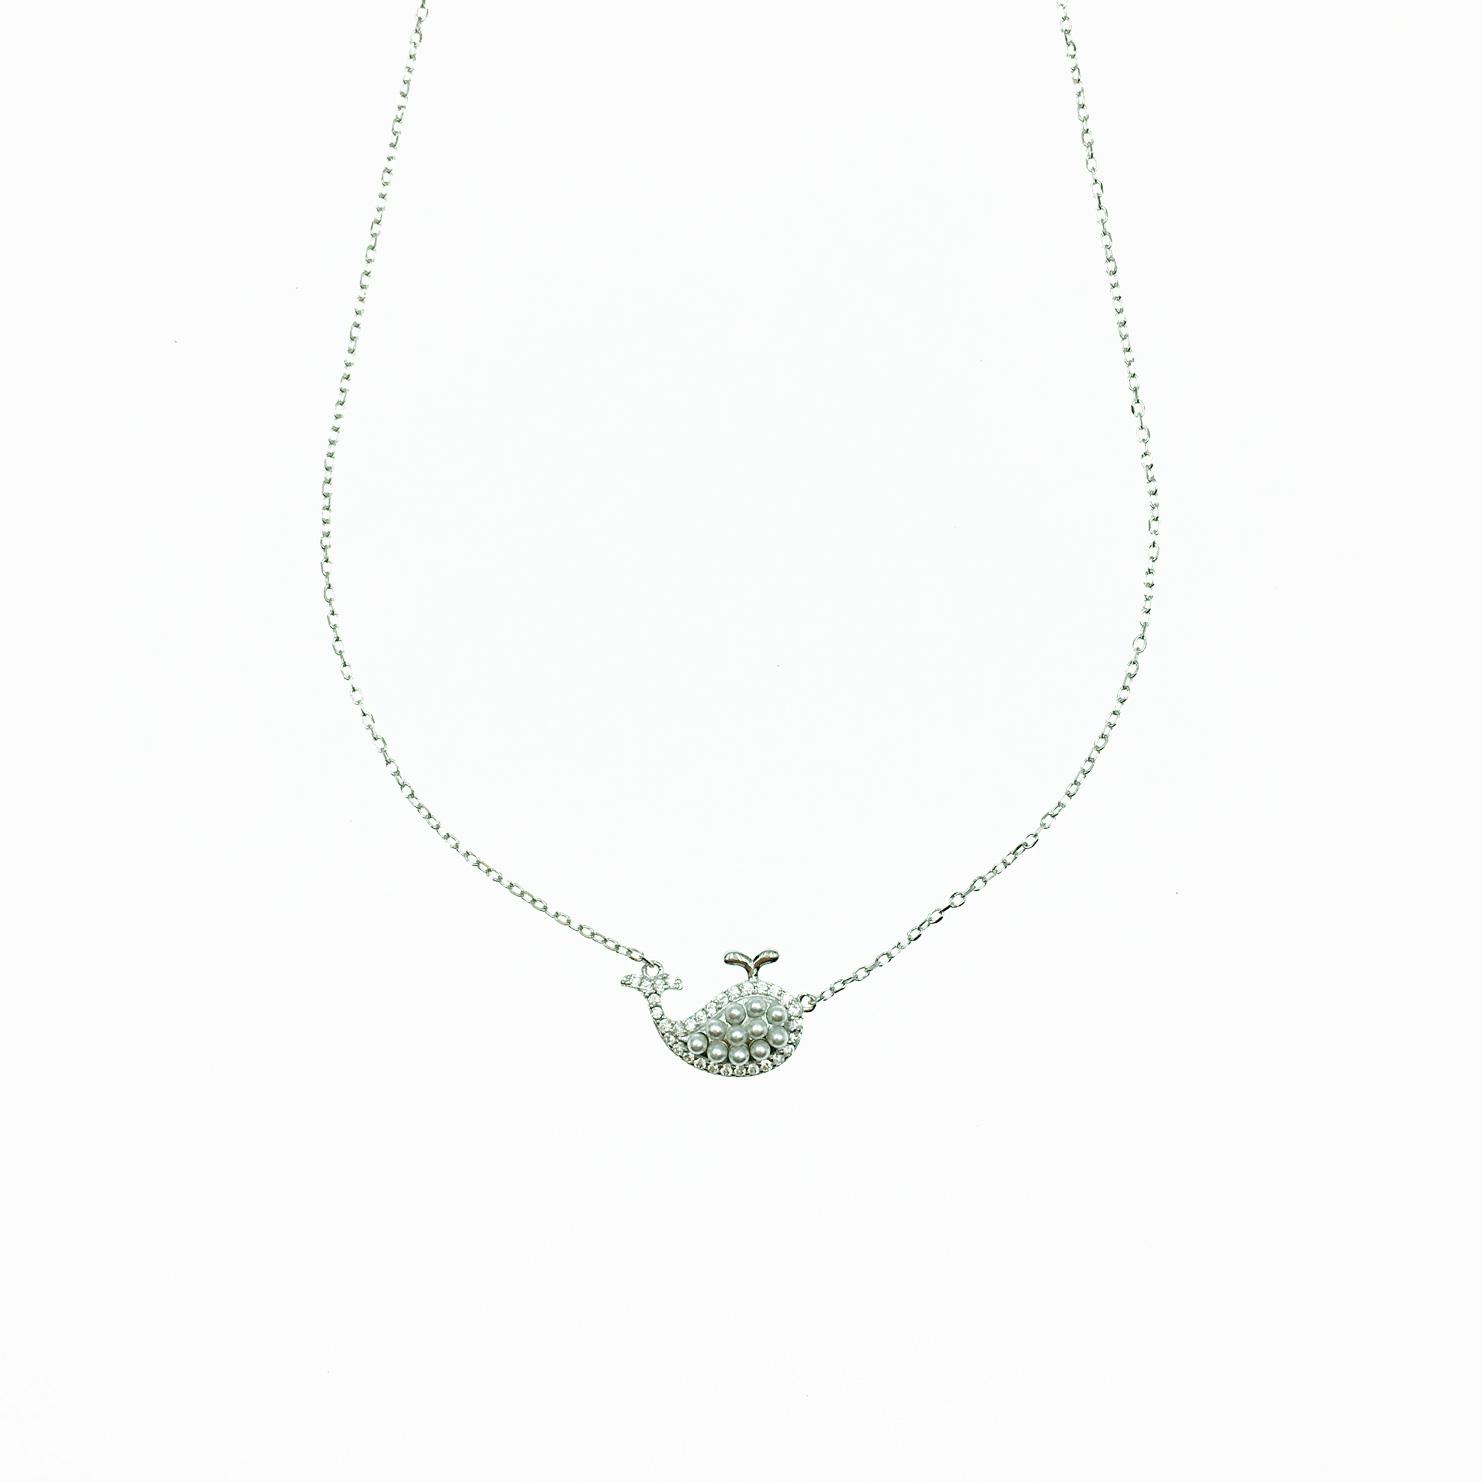 韓國 925純銀 鯨魚造型 水鑽 珍珠 可愛 質感 項鍊